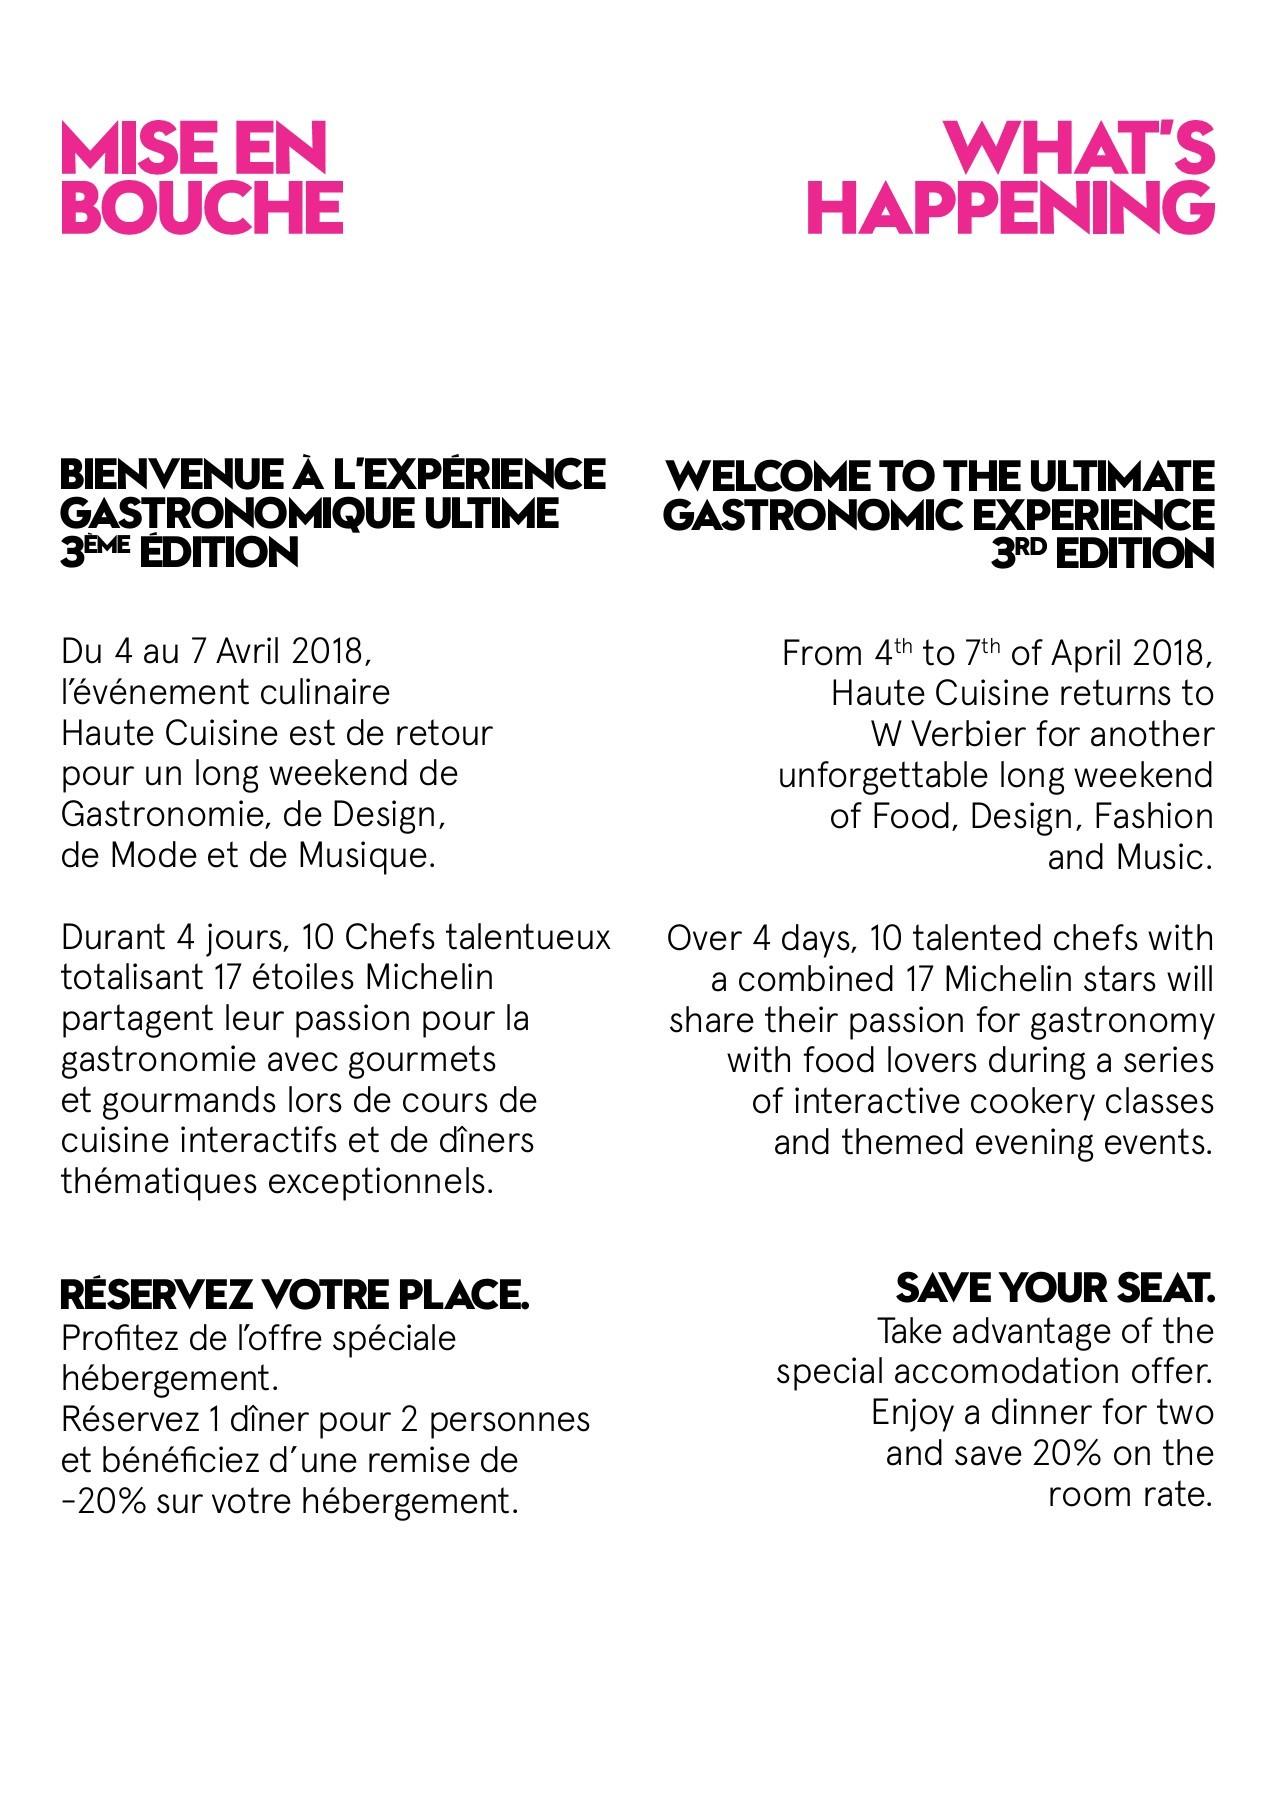 Ausgezeichnet Gourmet Küche Galerie Fotos - Küchen Ideen Modern ...